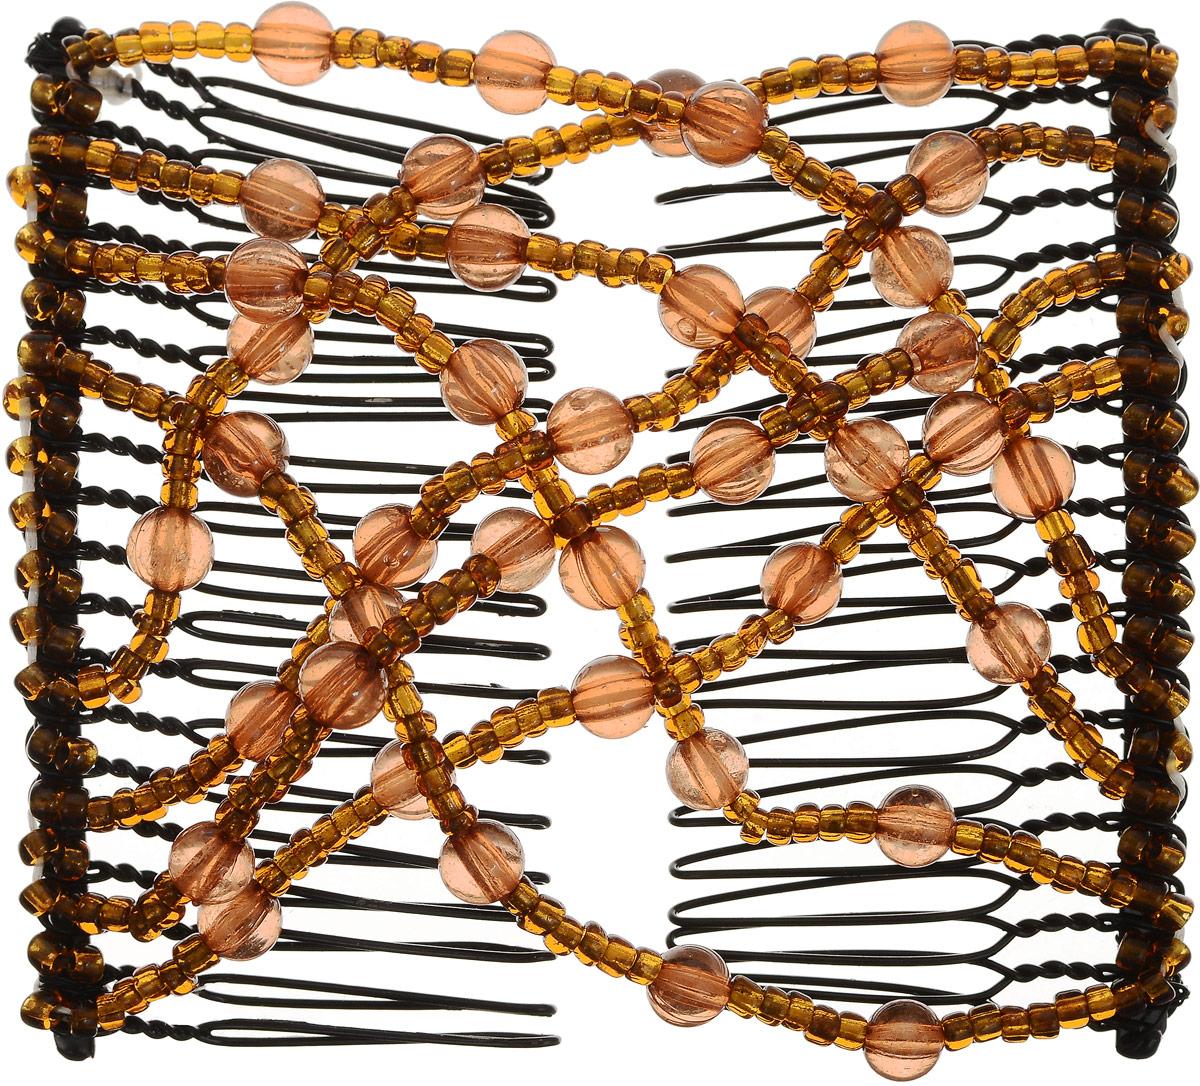 EZ-Combs Заколка Изи-Комбс, одинарная, цвет: коричневый. ЗИО_шарикиЗИО_коричневый/шарикиУдобная и практичная заколка EZ-Combs подходит для любого типа волос: тонких, жестких, вьющихся или прямых,и не наносит им никакого вреда. Заколка не мешает движениям головы и не создает дискомфорта, когда выотдыхаете или управляете автомобилем.Каждый гребень имеет по 20 зубьев для надежной фиксации заколки на волосах. И даже во время бега и интенсивныхтренировок в спортзале EZ-Combs не падает; она прочно фиксирует прическу, сохраняя укладку в первозданном виде. Небольшая и легкая заколка для волос EZ-Combs поместится в любой дамской сумочке, позволяя быстро и безособых усилий создавать неповторимые прически там, где вам это удобно. Гребень прекрасно сочетается с любойодеждой: будь это классический или спортивный стиль, завершая гармоничный облик современной леди. И неважно,какой образ жизни вы ведете, если у вас есть EZ-Combs, вы всегда будете выглядеть потрясающе.